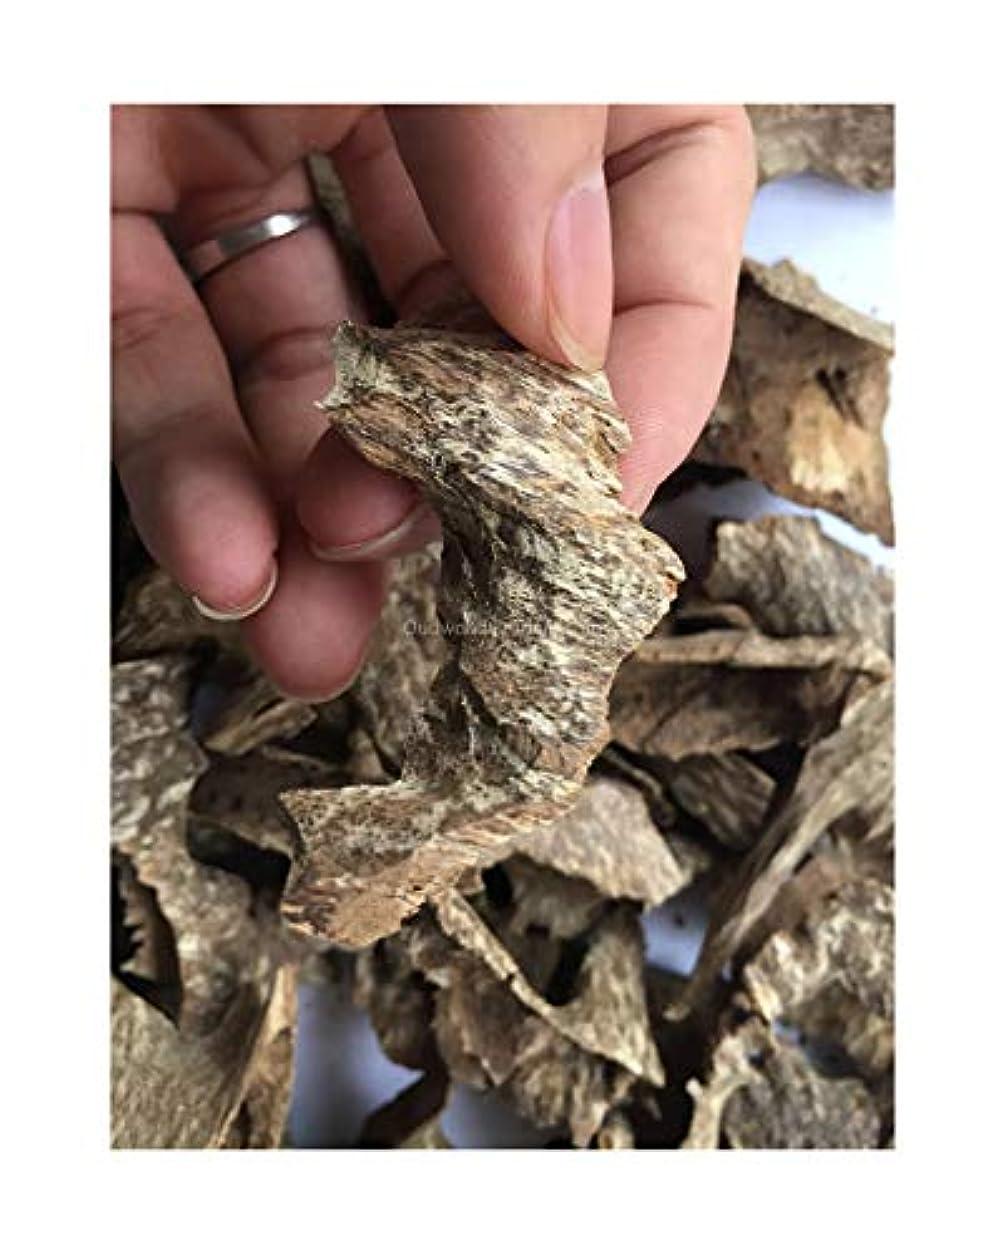 私たち葉っぱバーストオウドチップス オードチップ インセンス アロマ ナチュラル ワイルド レア アガーウッド チップ オードウッド ベトナム 純素材 グレードA++ 1kg ブラック Oudwood Viet Nam